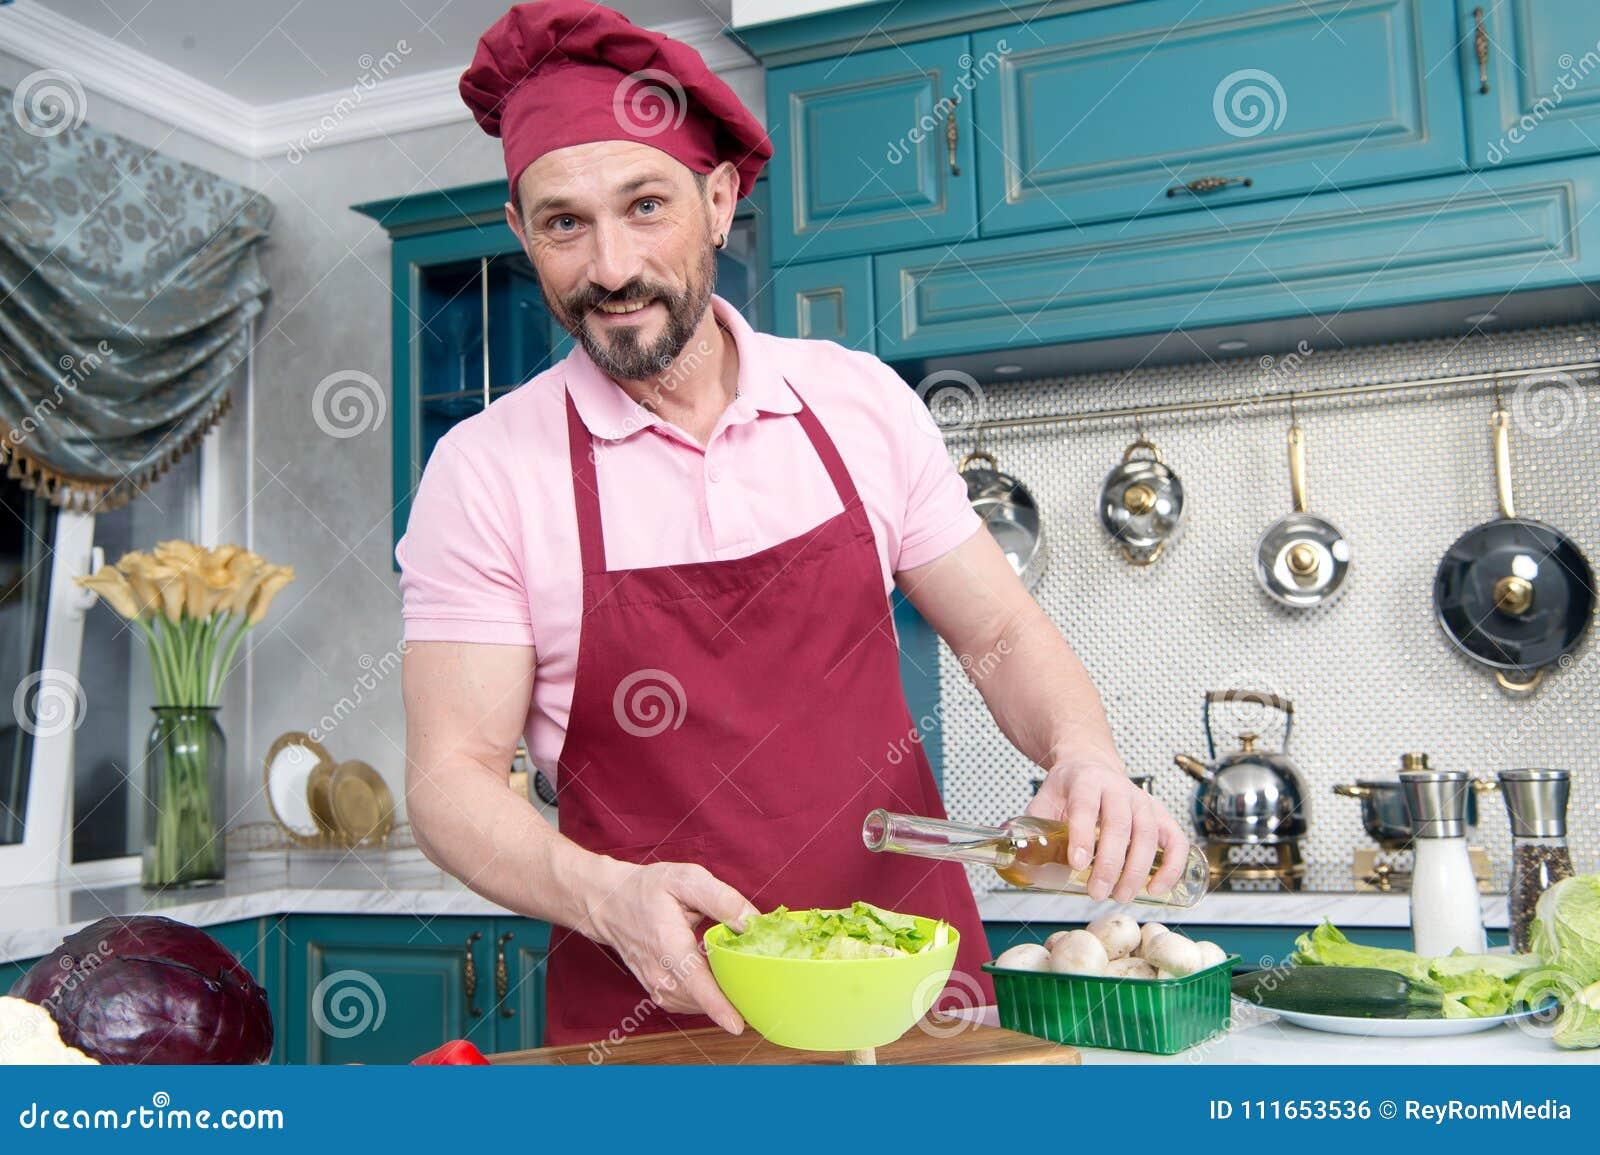 Το ευτυχές άτομο προσθέτει το πετρέλαιο στη φρέσκια σαλάτα Γενειοφόρος χαμογελασμένος αρχιμάγειρας που προσθέτει το ελαιόλαδο στη